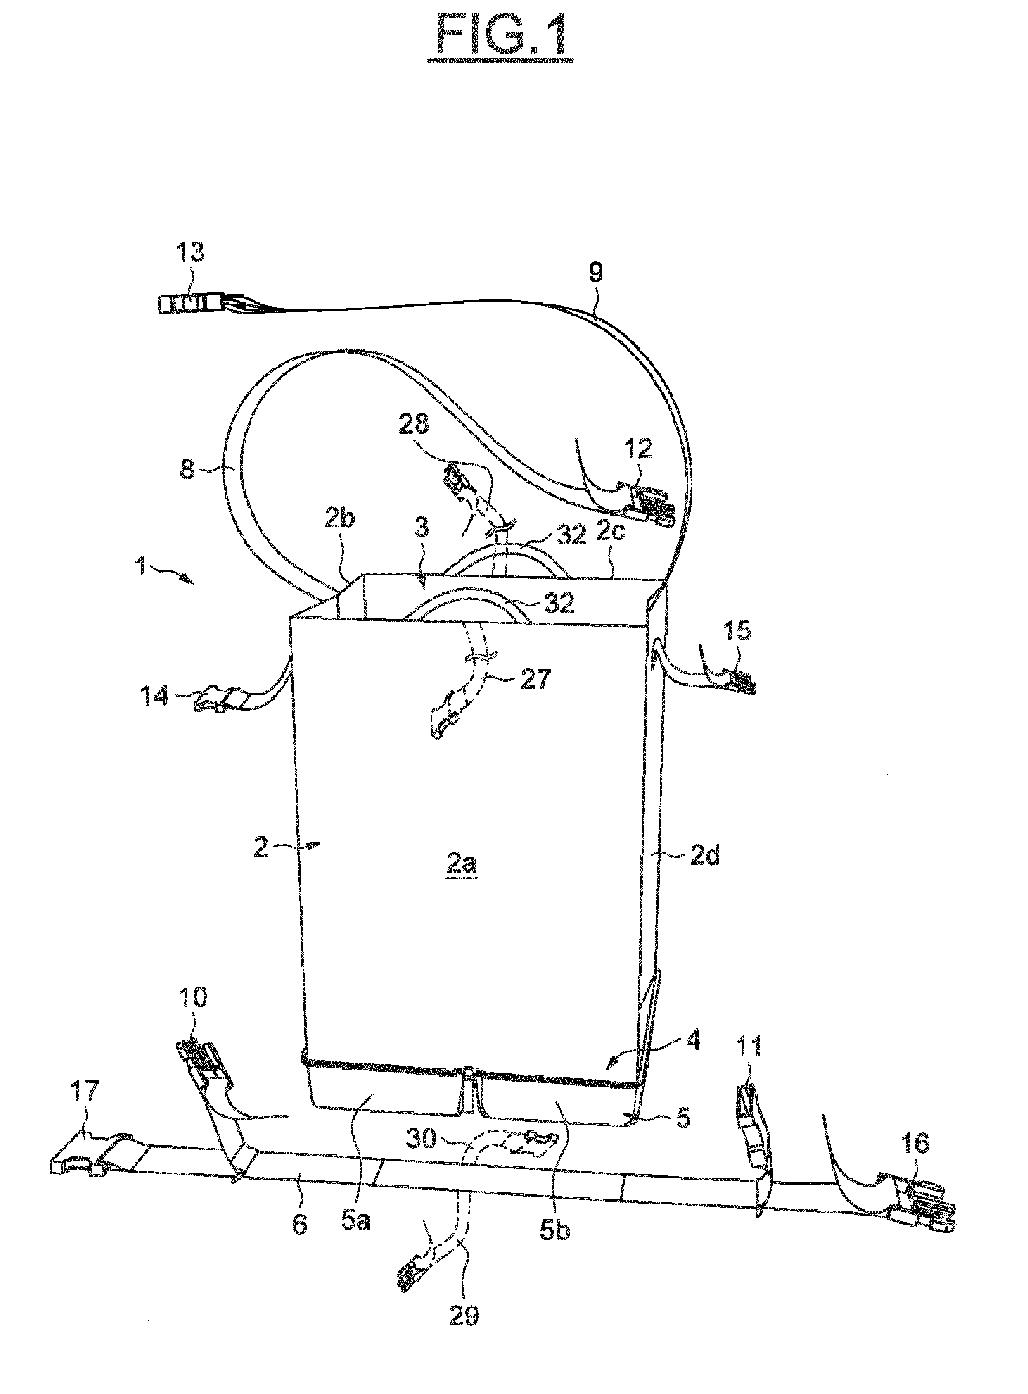 le caisson vertical 1 et dans le caisson horizontal suprieur 3 et leau tant rchauffe lors de son passage au voisinage de la chambre de combustion - Caisson De Decompression Cheminee